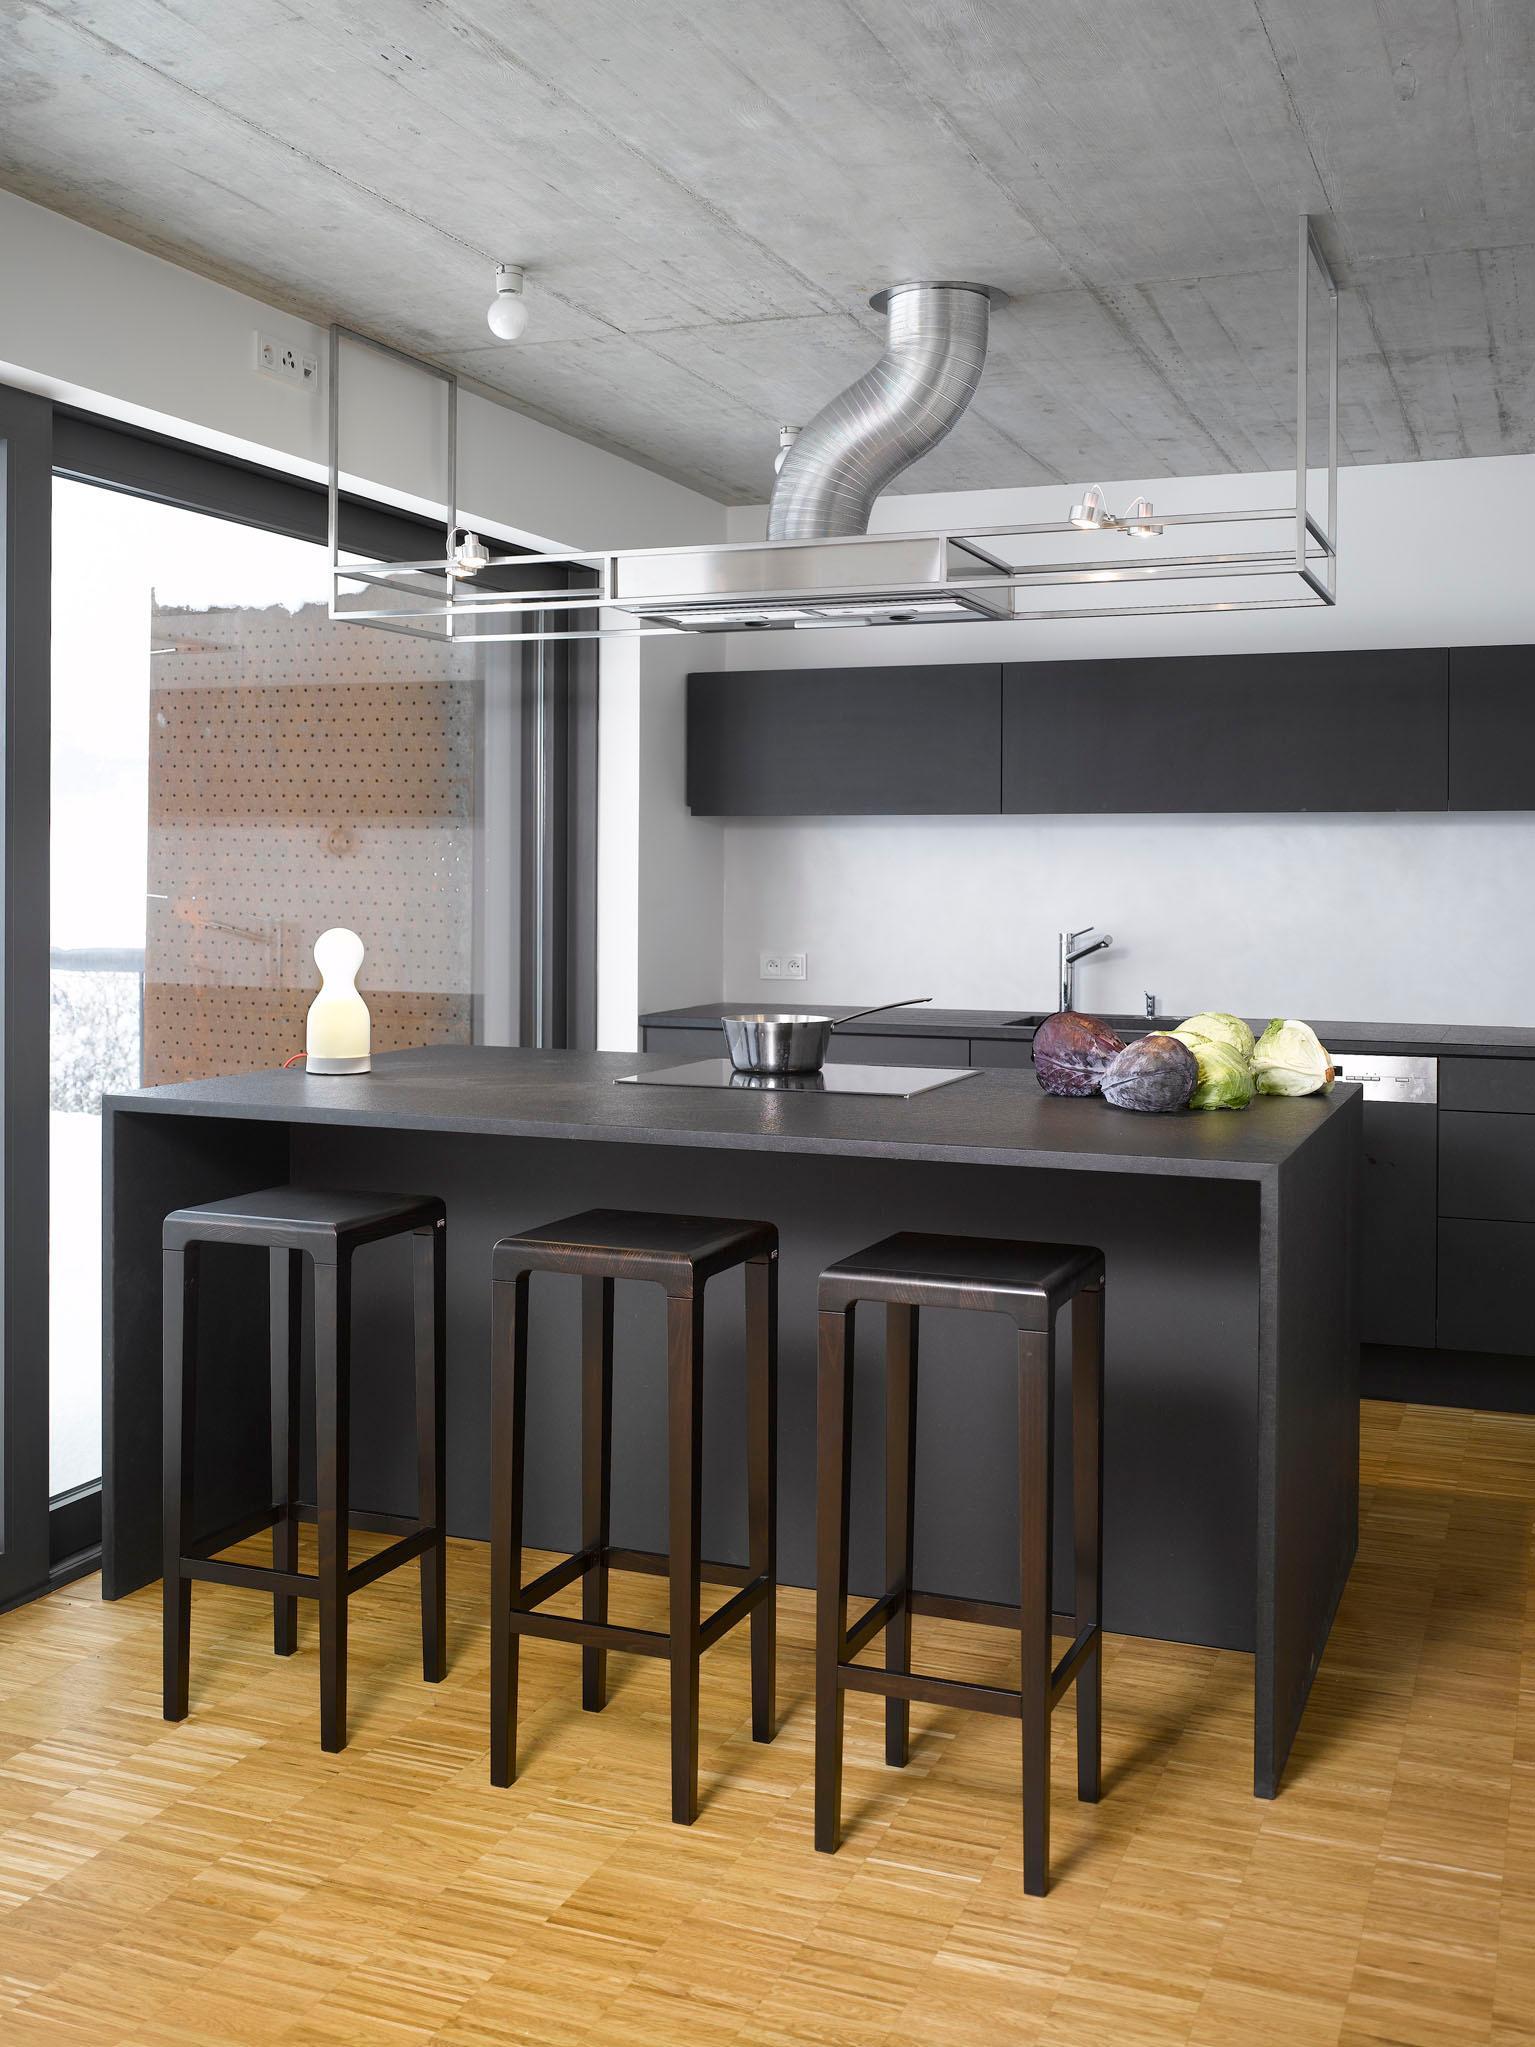 Dunkler Küchentresen Mit Integrierter Herdplatte Ba